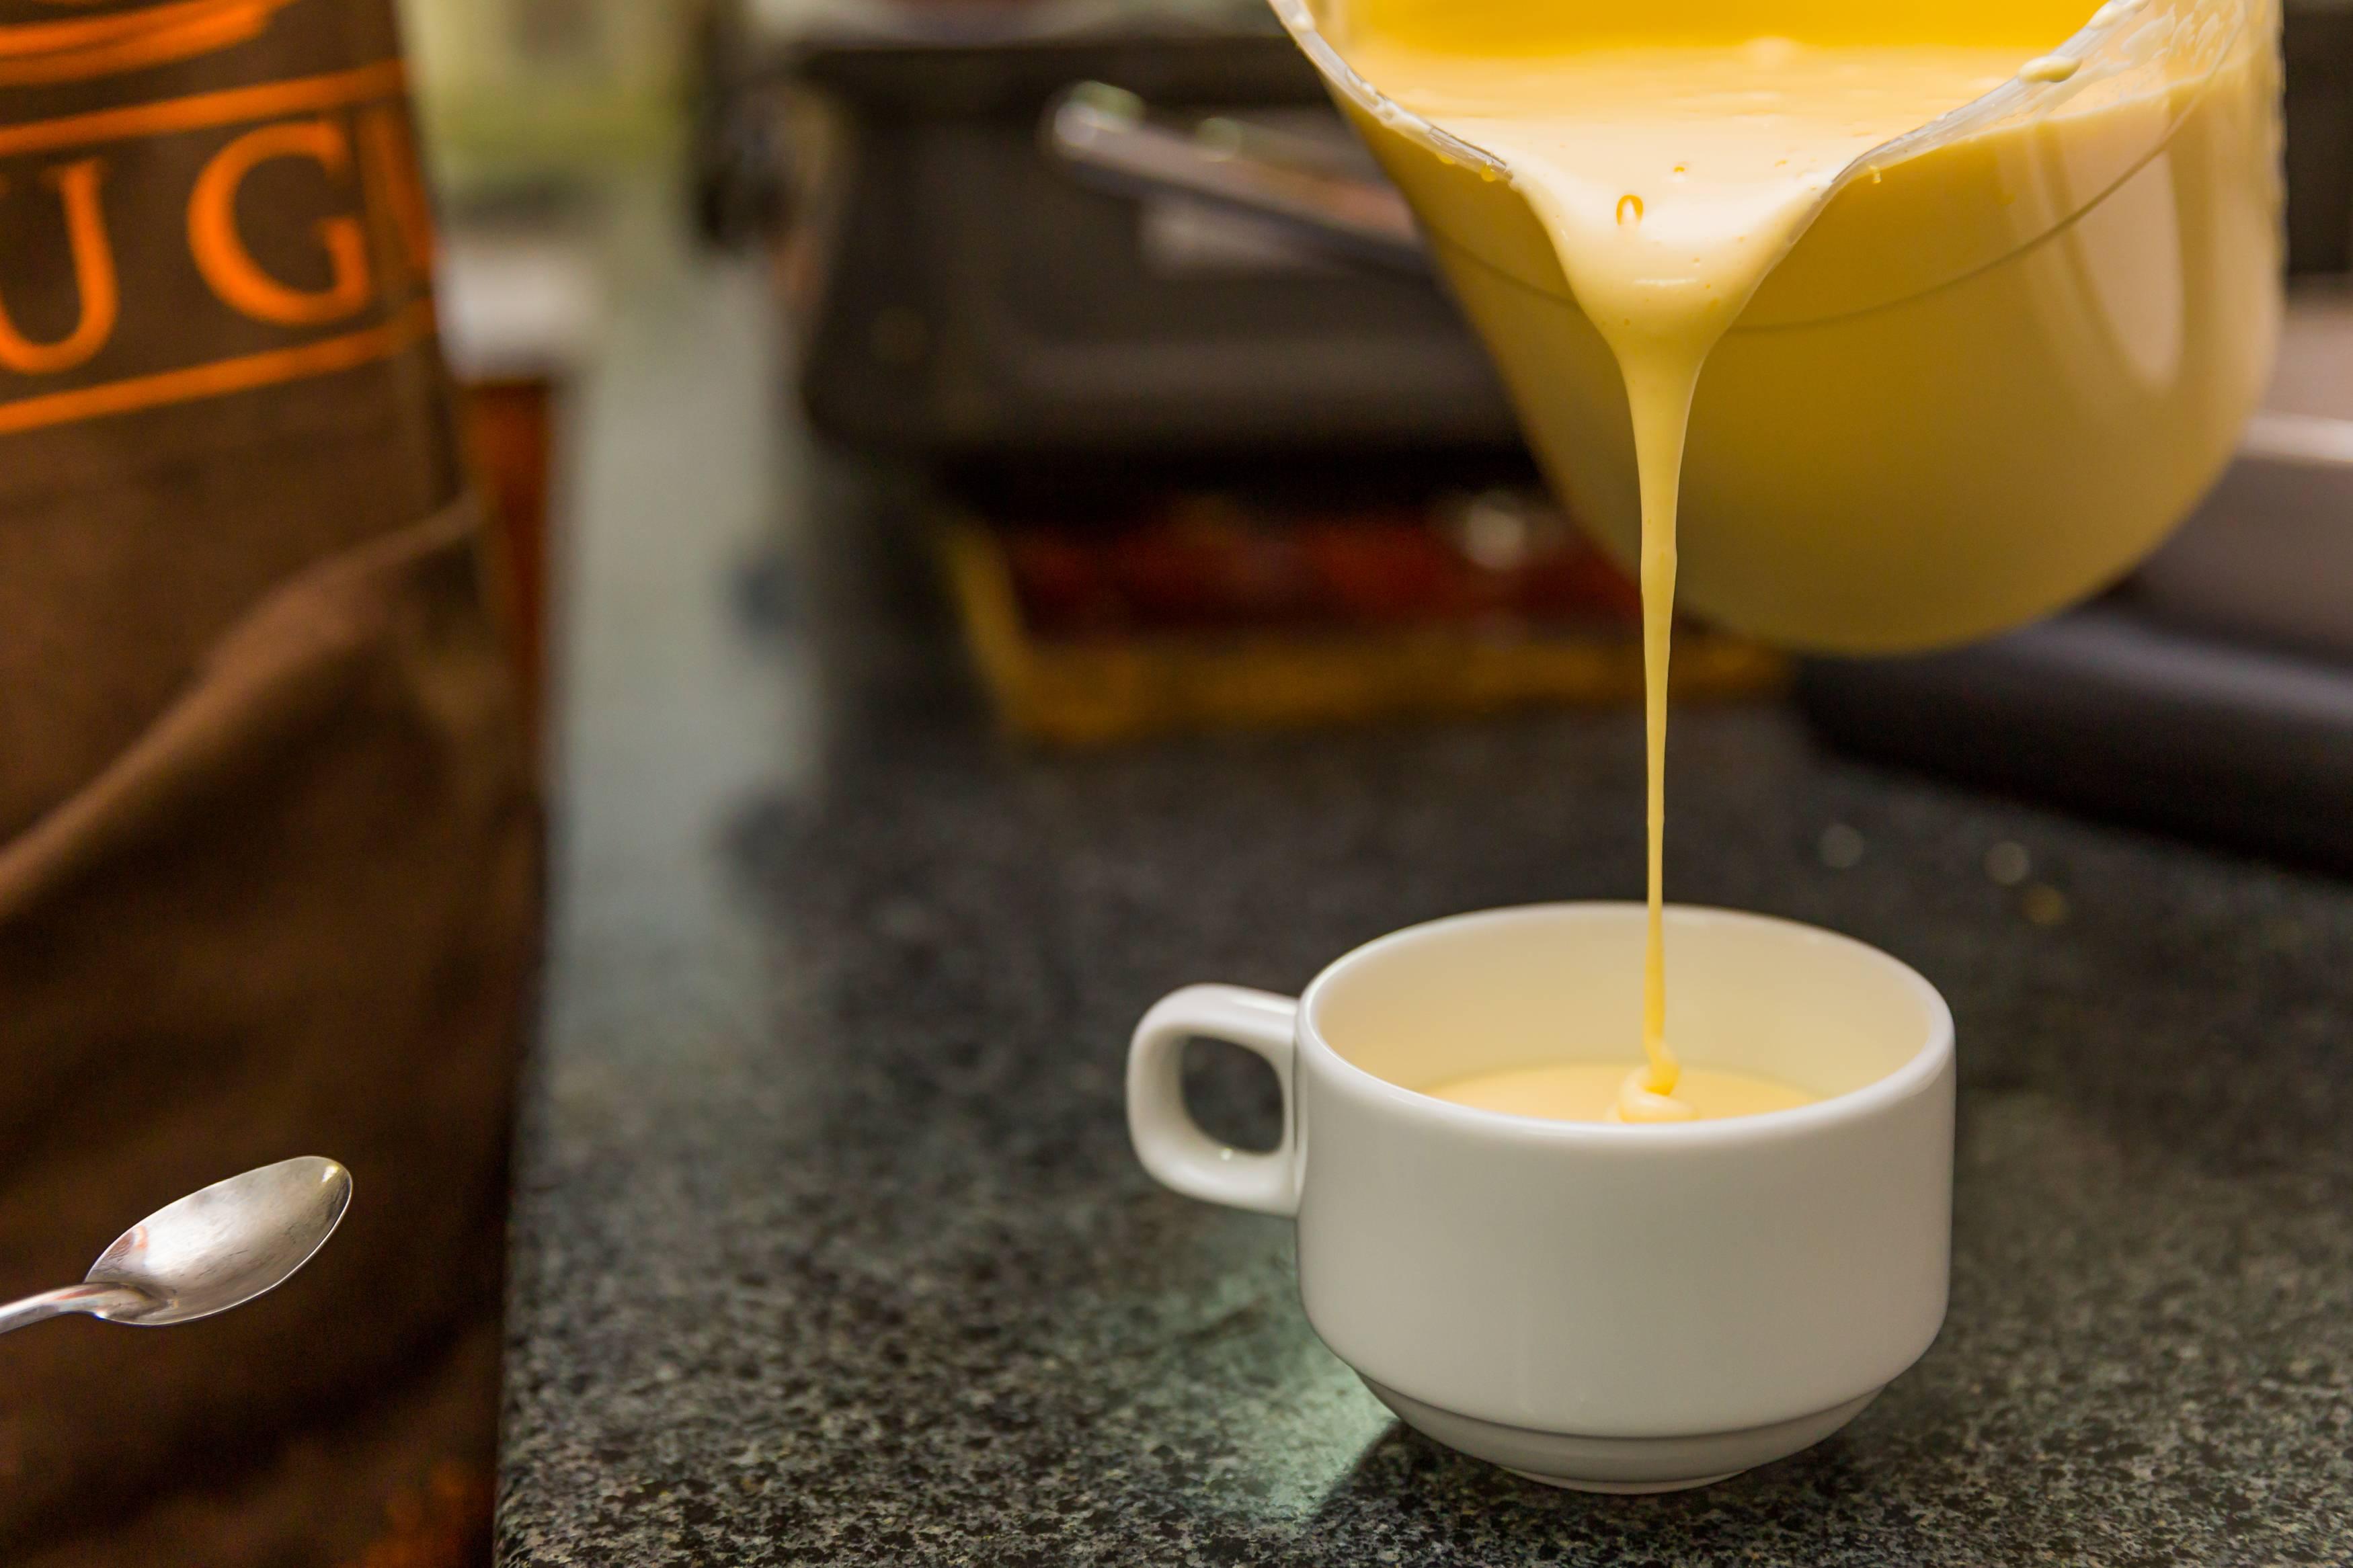 С чем пить кофе? рецепты приготовления кофе: со специями, с мёдом, с солью